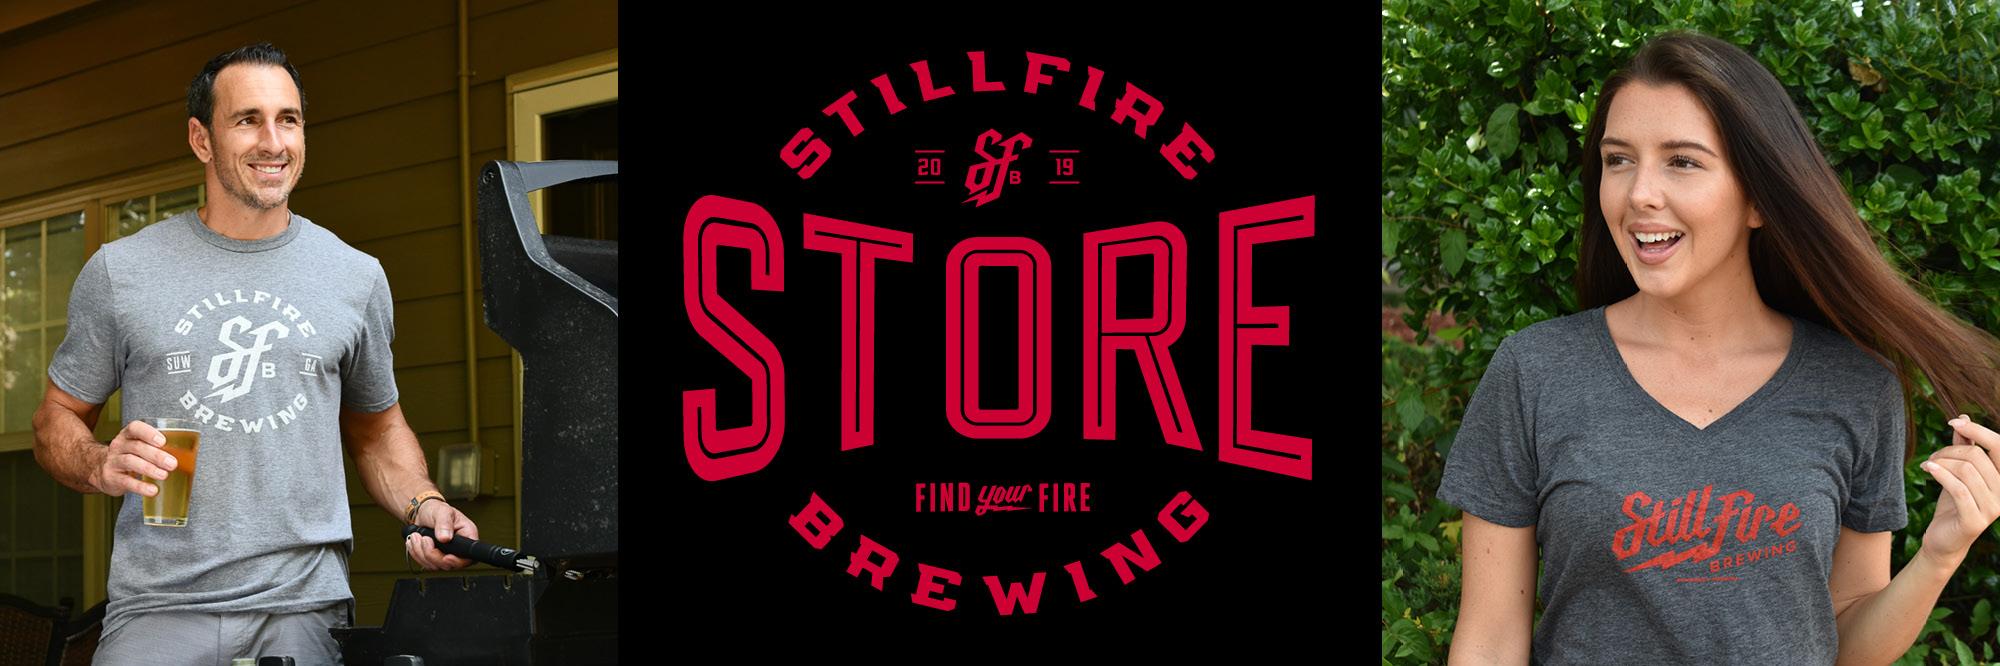 Stillfire Store